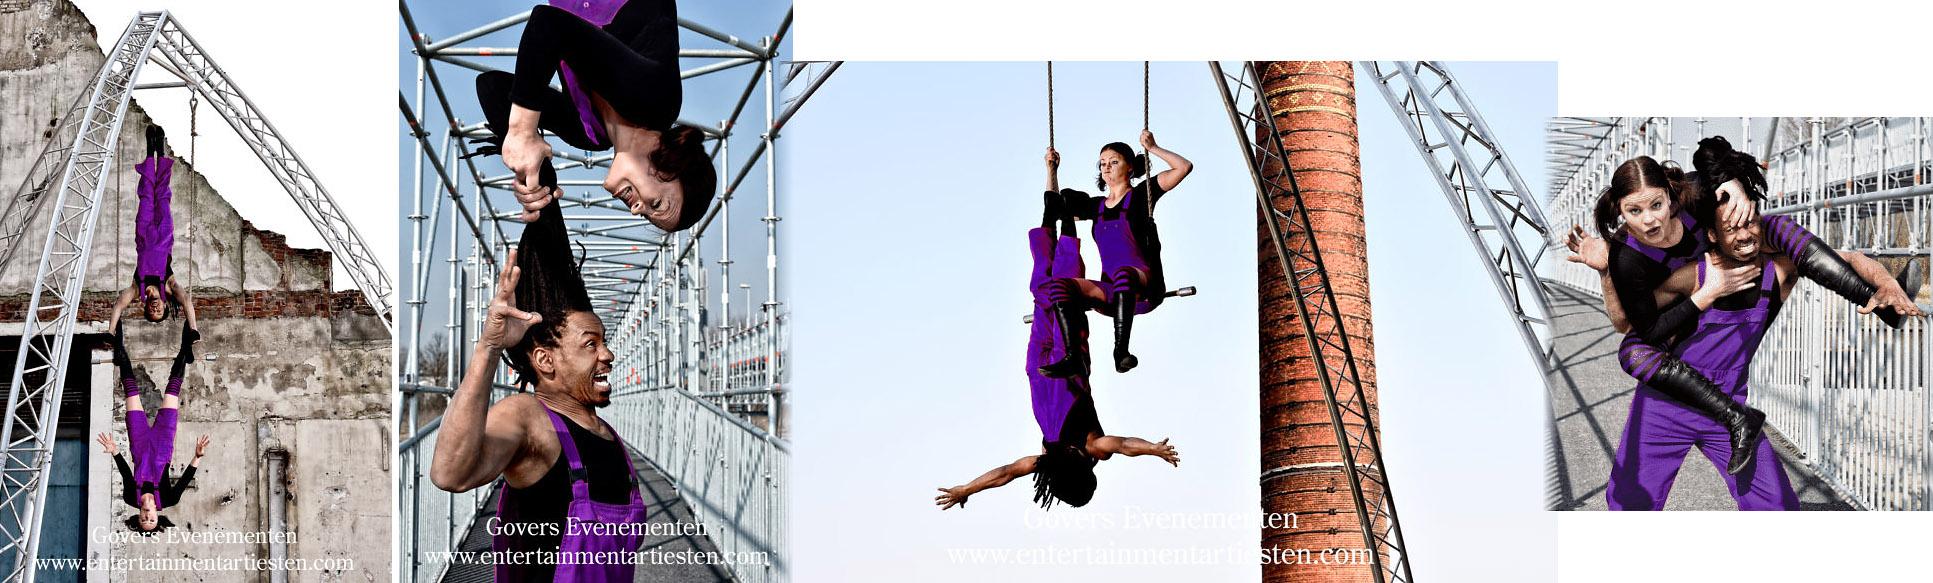 Luchtacrobatiek, Beleef weergaloze acrobatiek op de dunne lijn tussen vurige passie en blinde haat. Een cliffhanger van 15 minuten in een vrijstaande installatie voor binnen en buiten. Hoog, sensationeel en spannend tot op het eind; luchtacrobatiek op het scherpst van de snede, straattheater, acrobatiek, circusact, straattheater acts, artiesten boeken, artiestenbureau Govers Evenementen, lucht acrobatiek, festival act, voorstelling, www.goversartiesten.nl